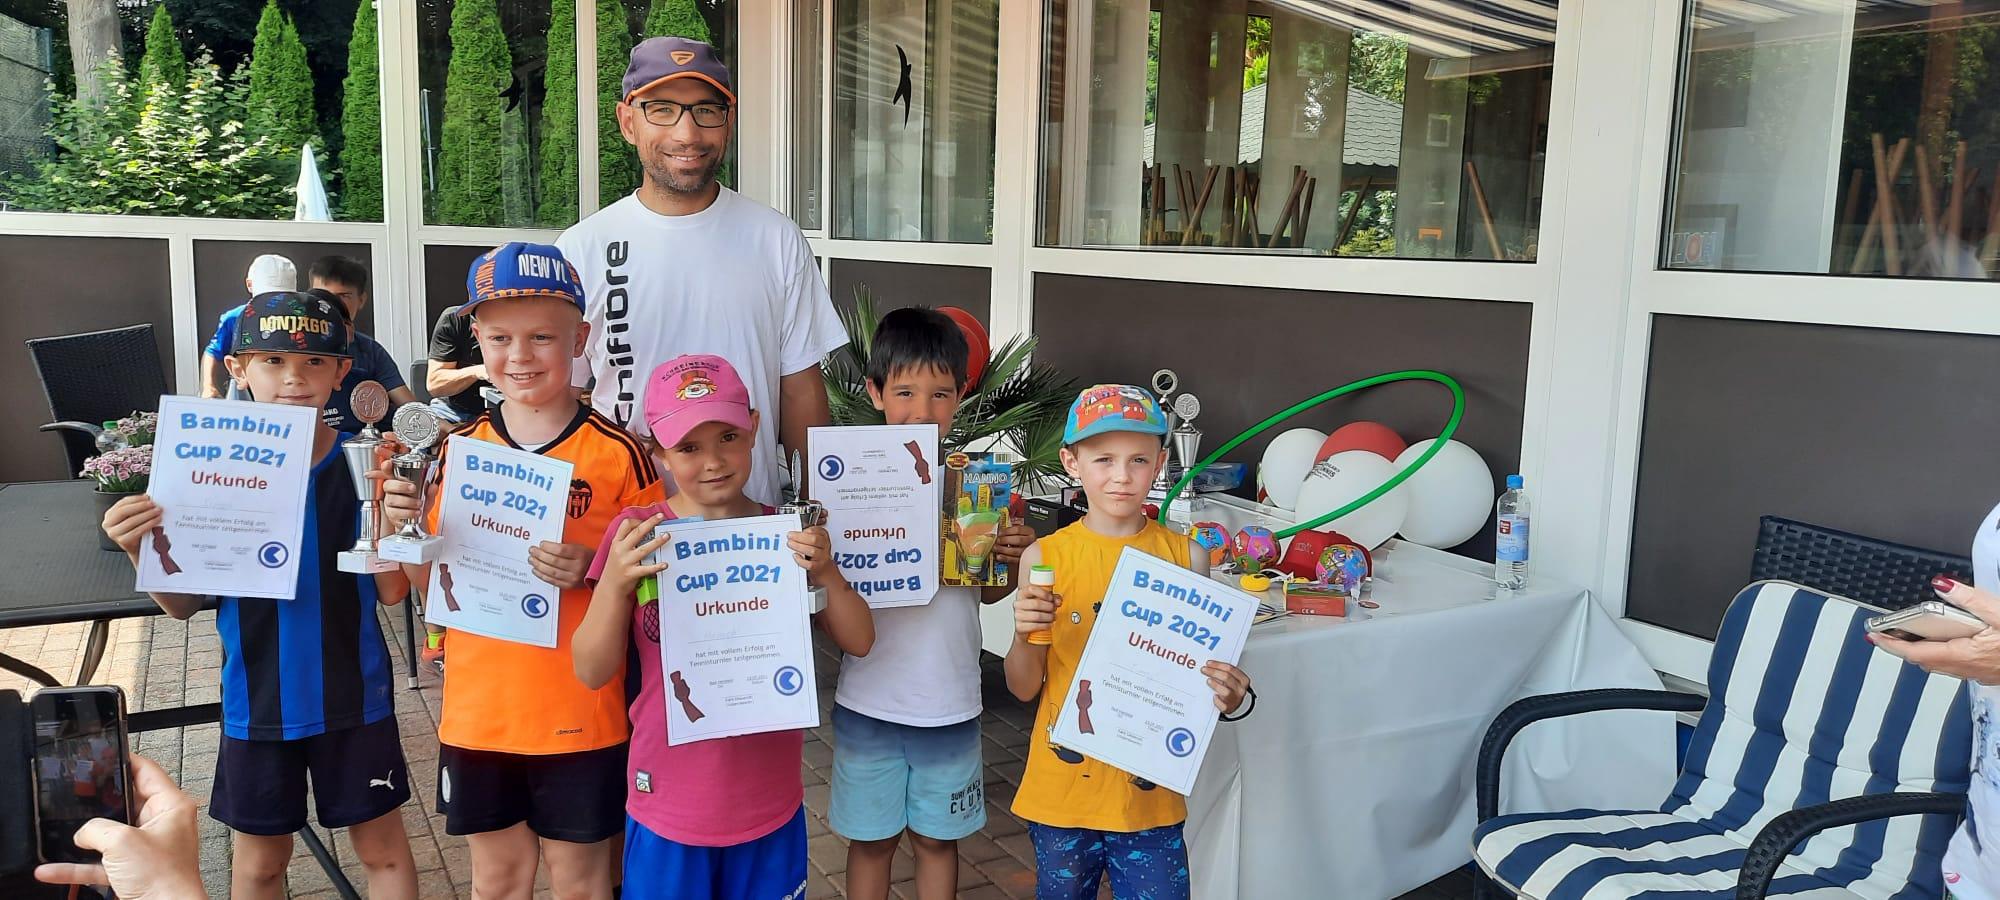 Tenniscamp mit Bambiniturnier und Juniorcup